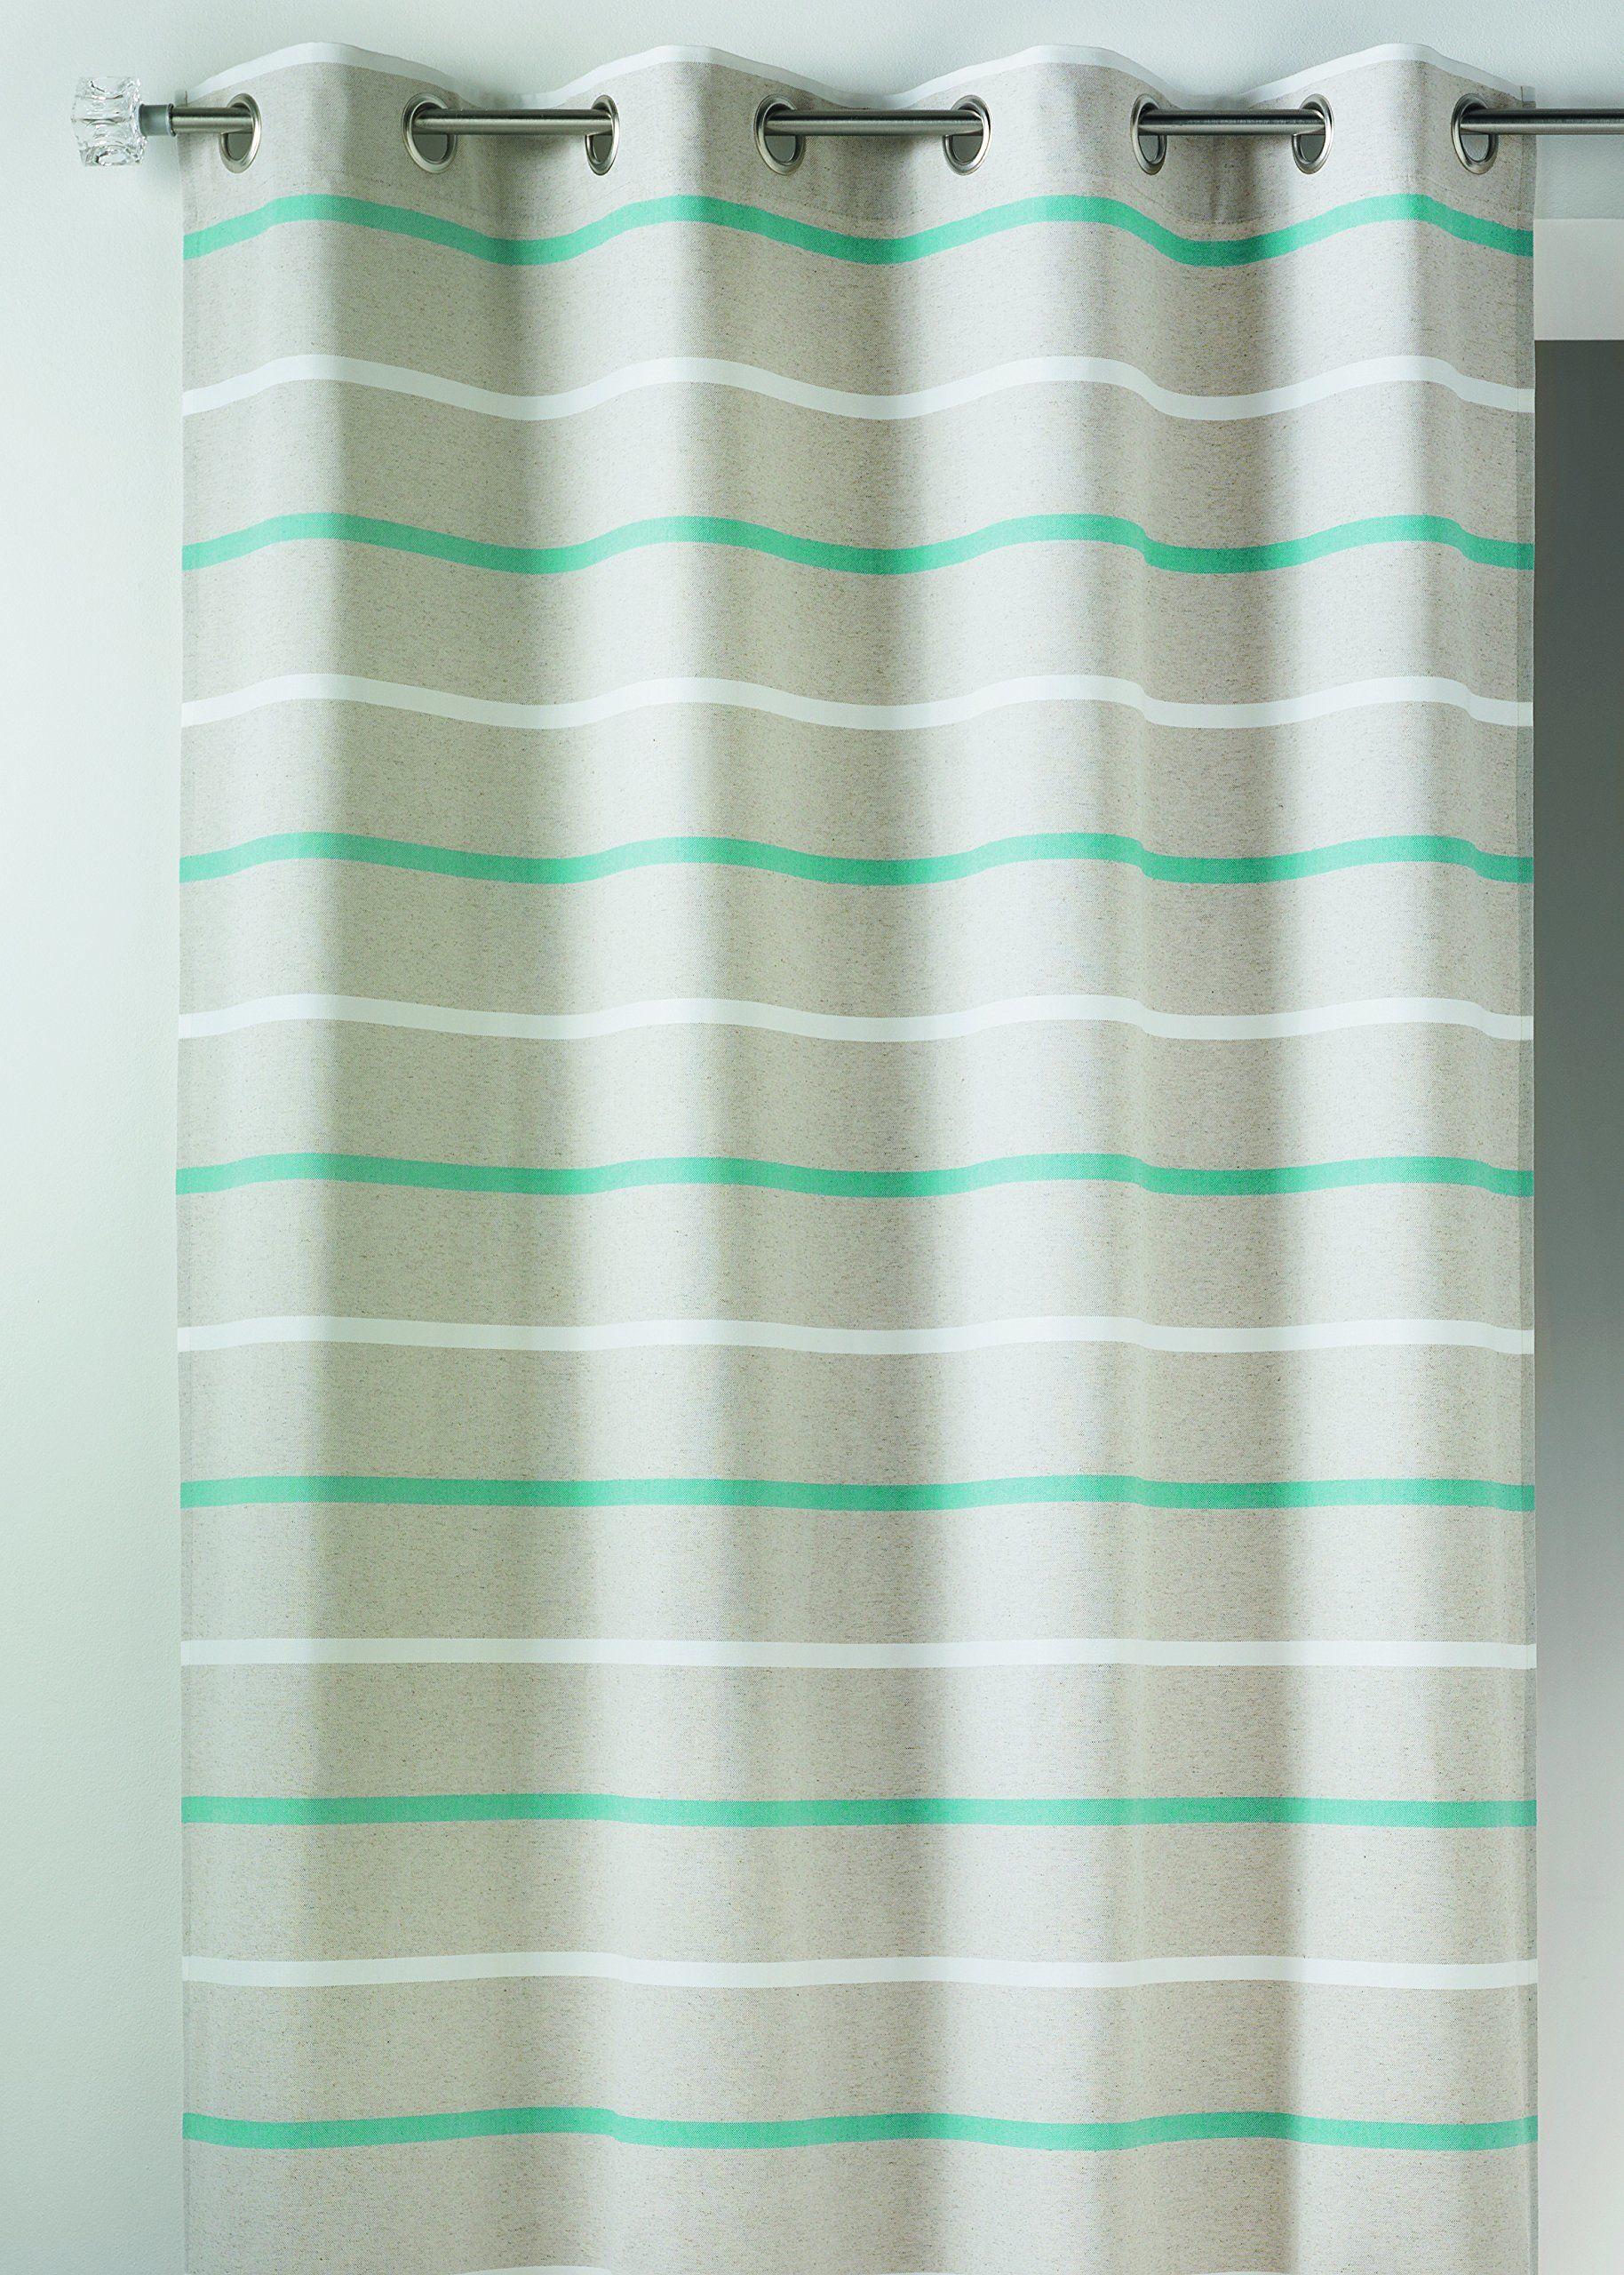 Home Maison HM6996298 zasłona pozioma, płótno, 155 x 260 cm turkusowa